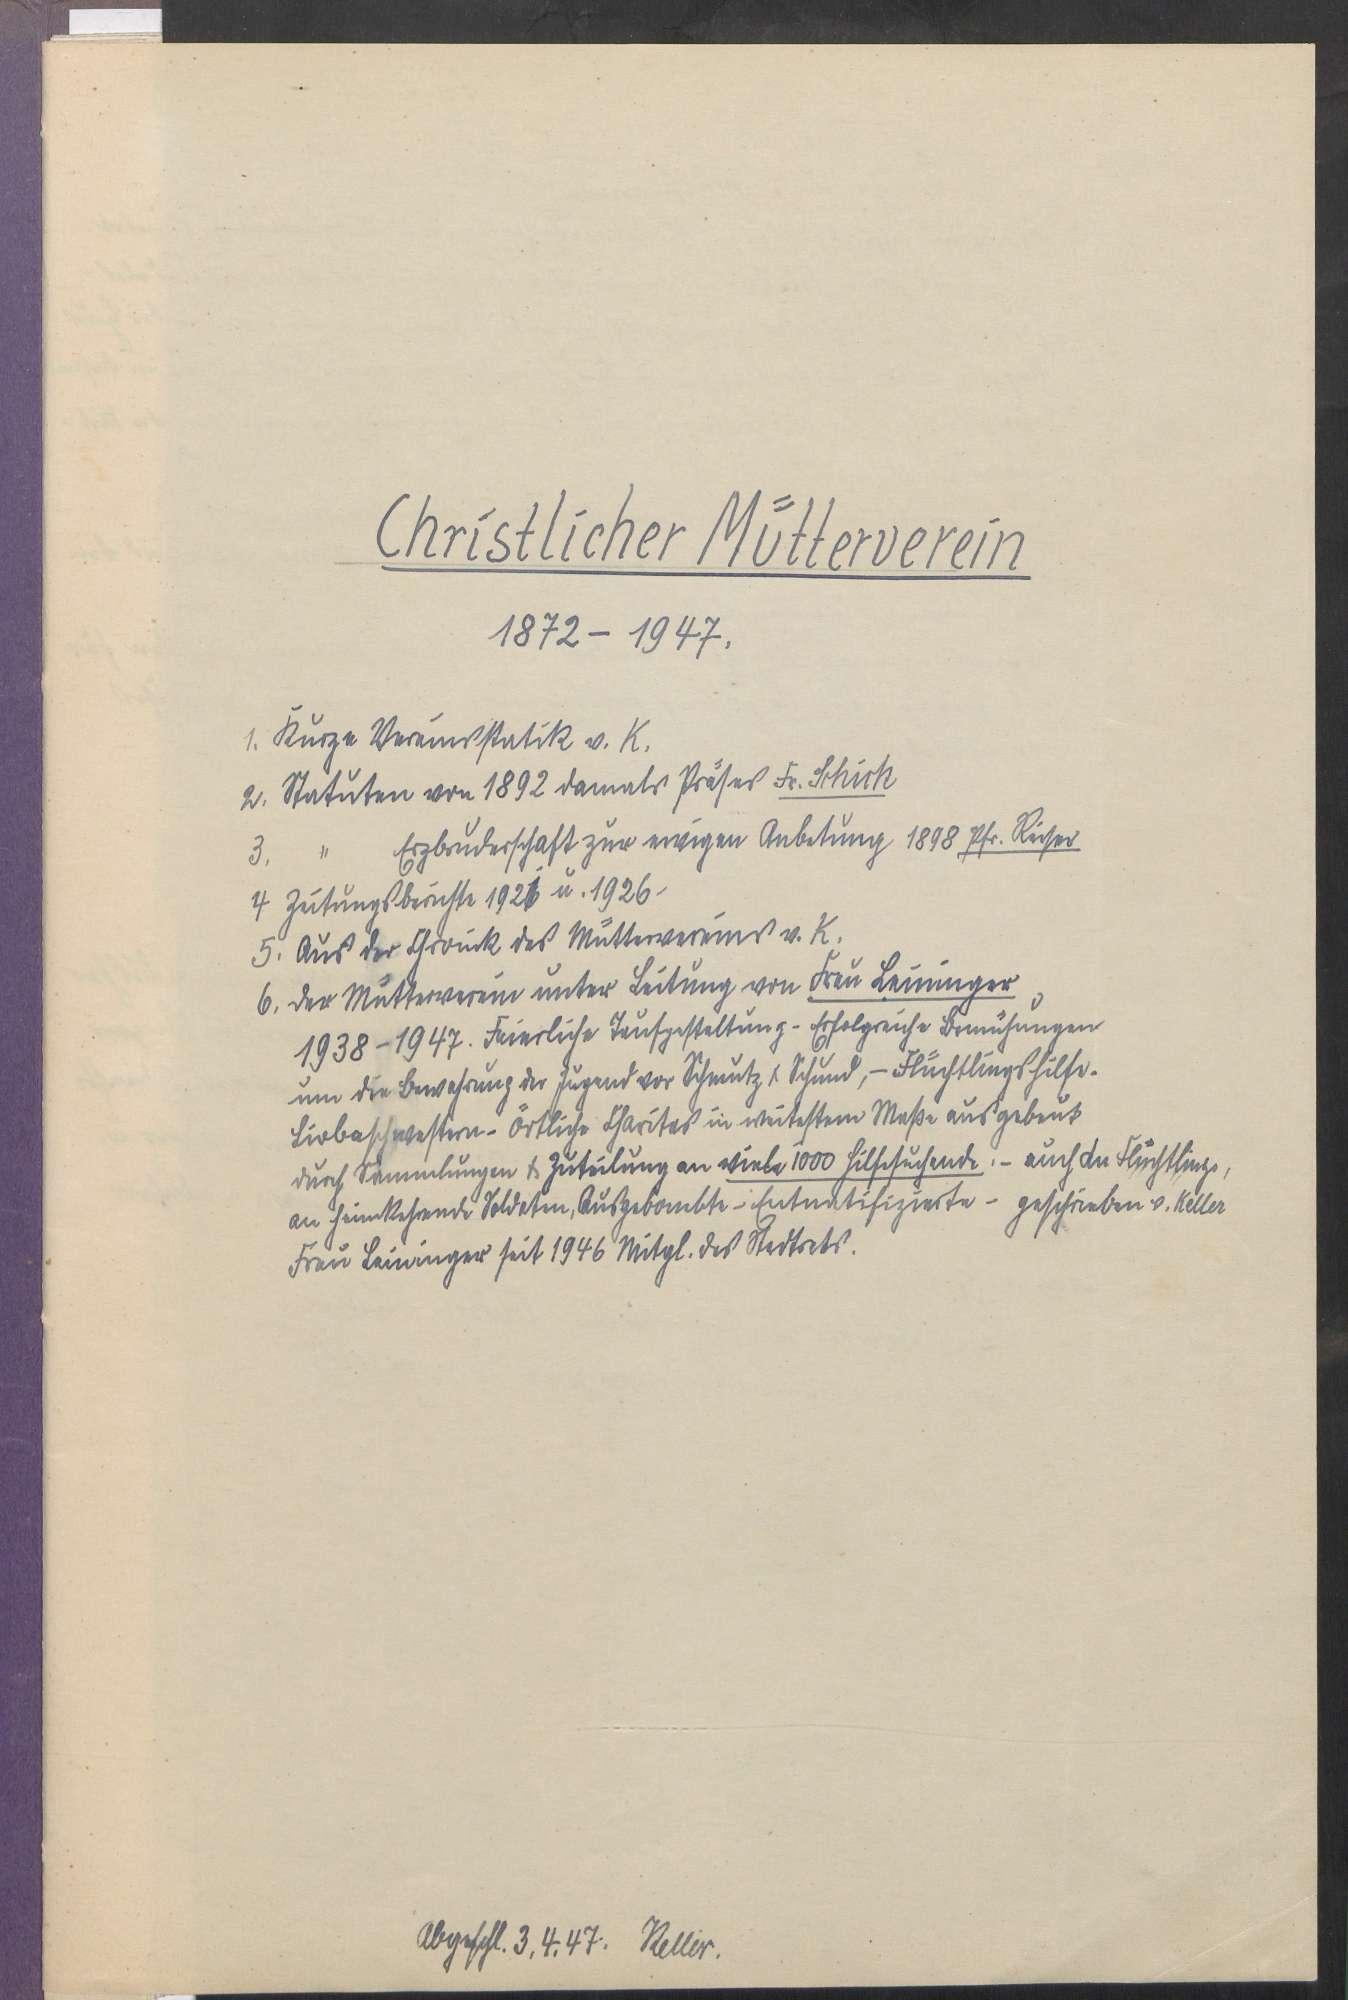 Christlicher Mütterverein (1872 - 1947), Bild 2